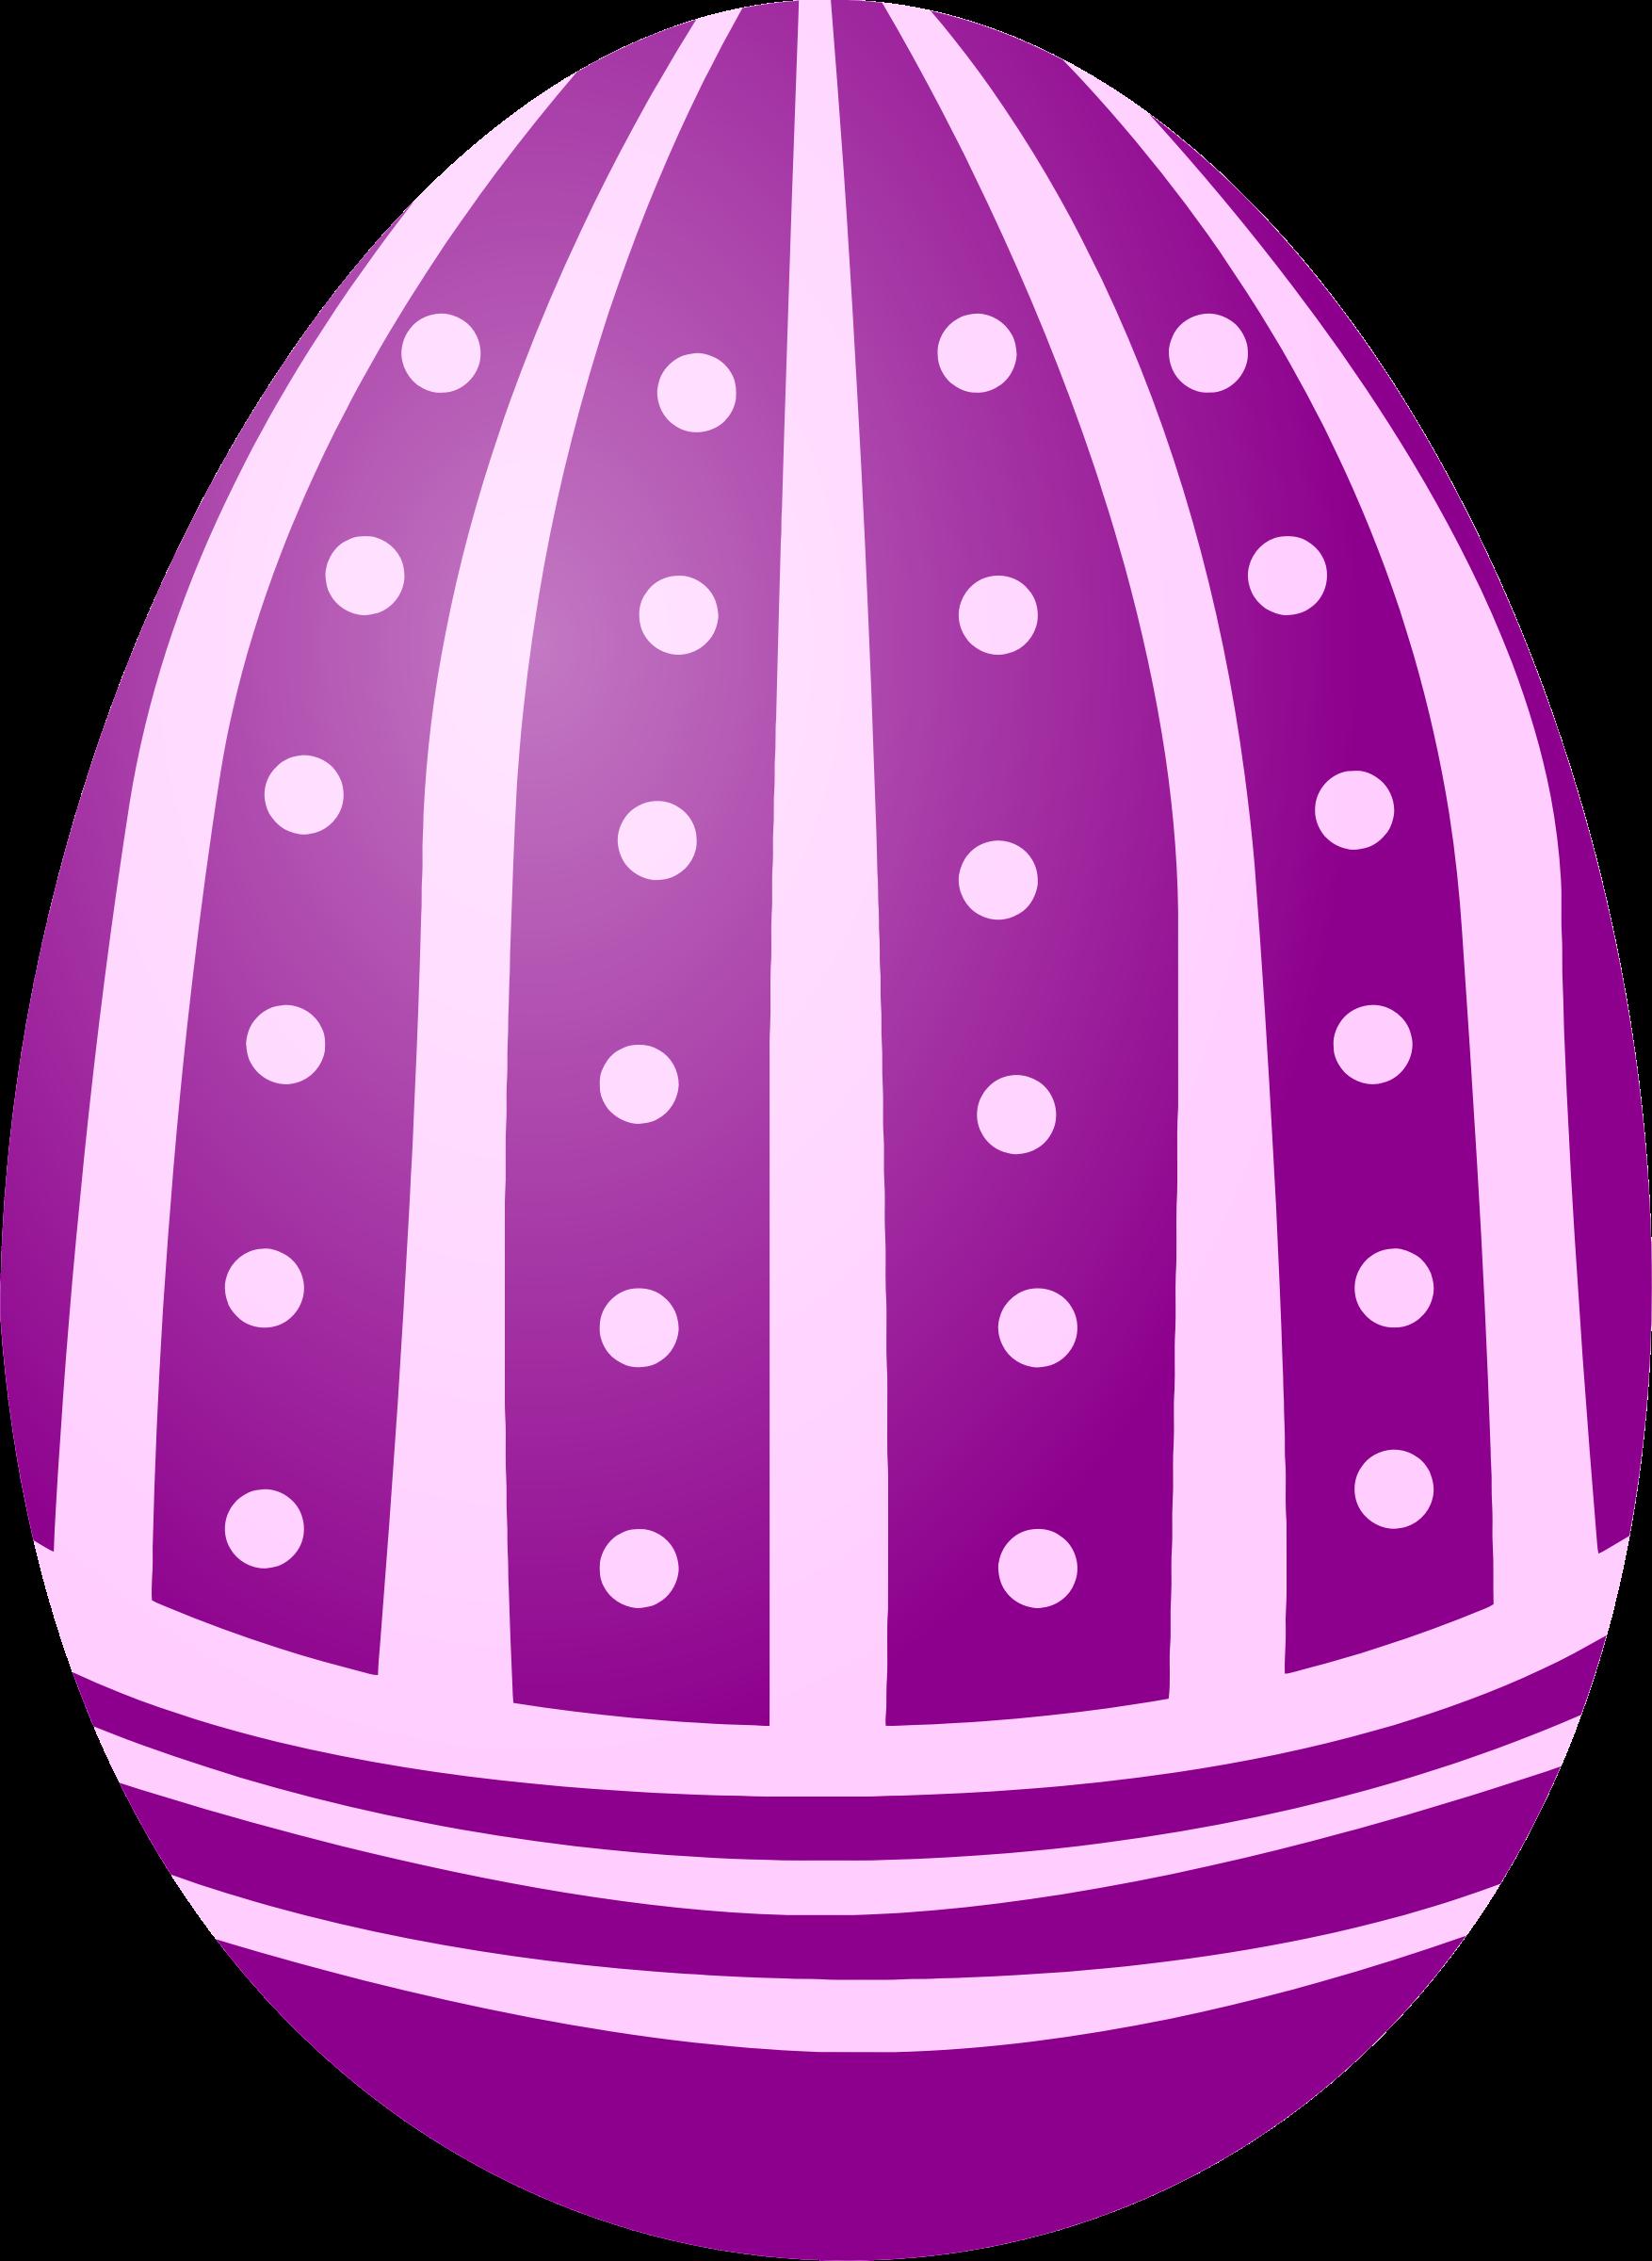 clipart easter egg 9